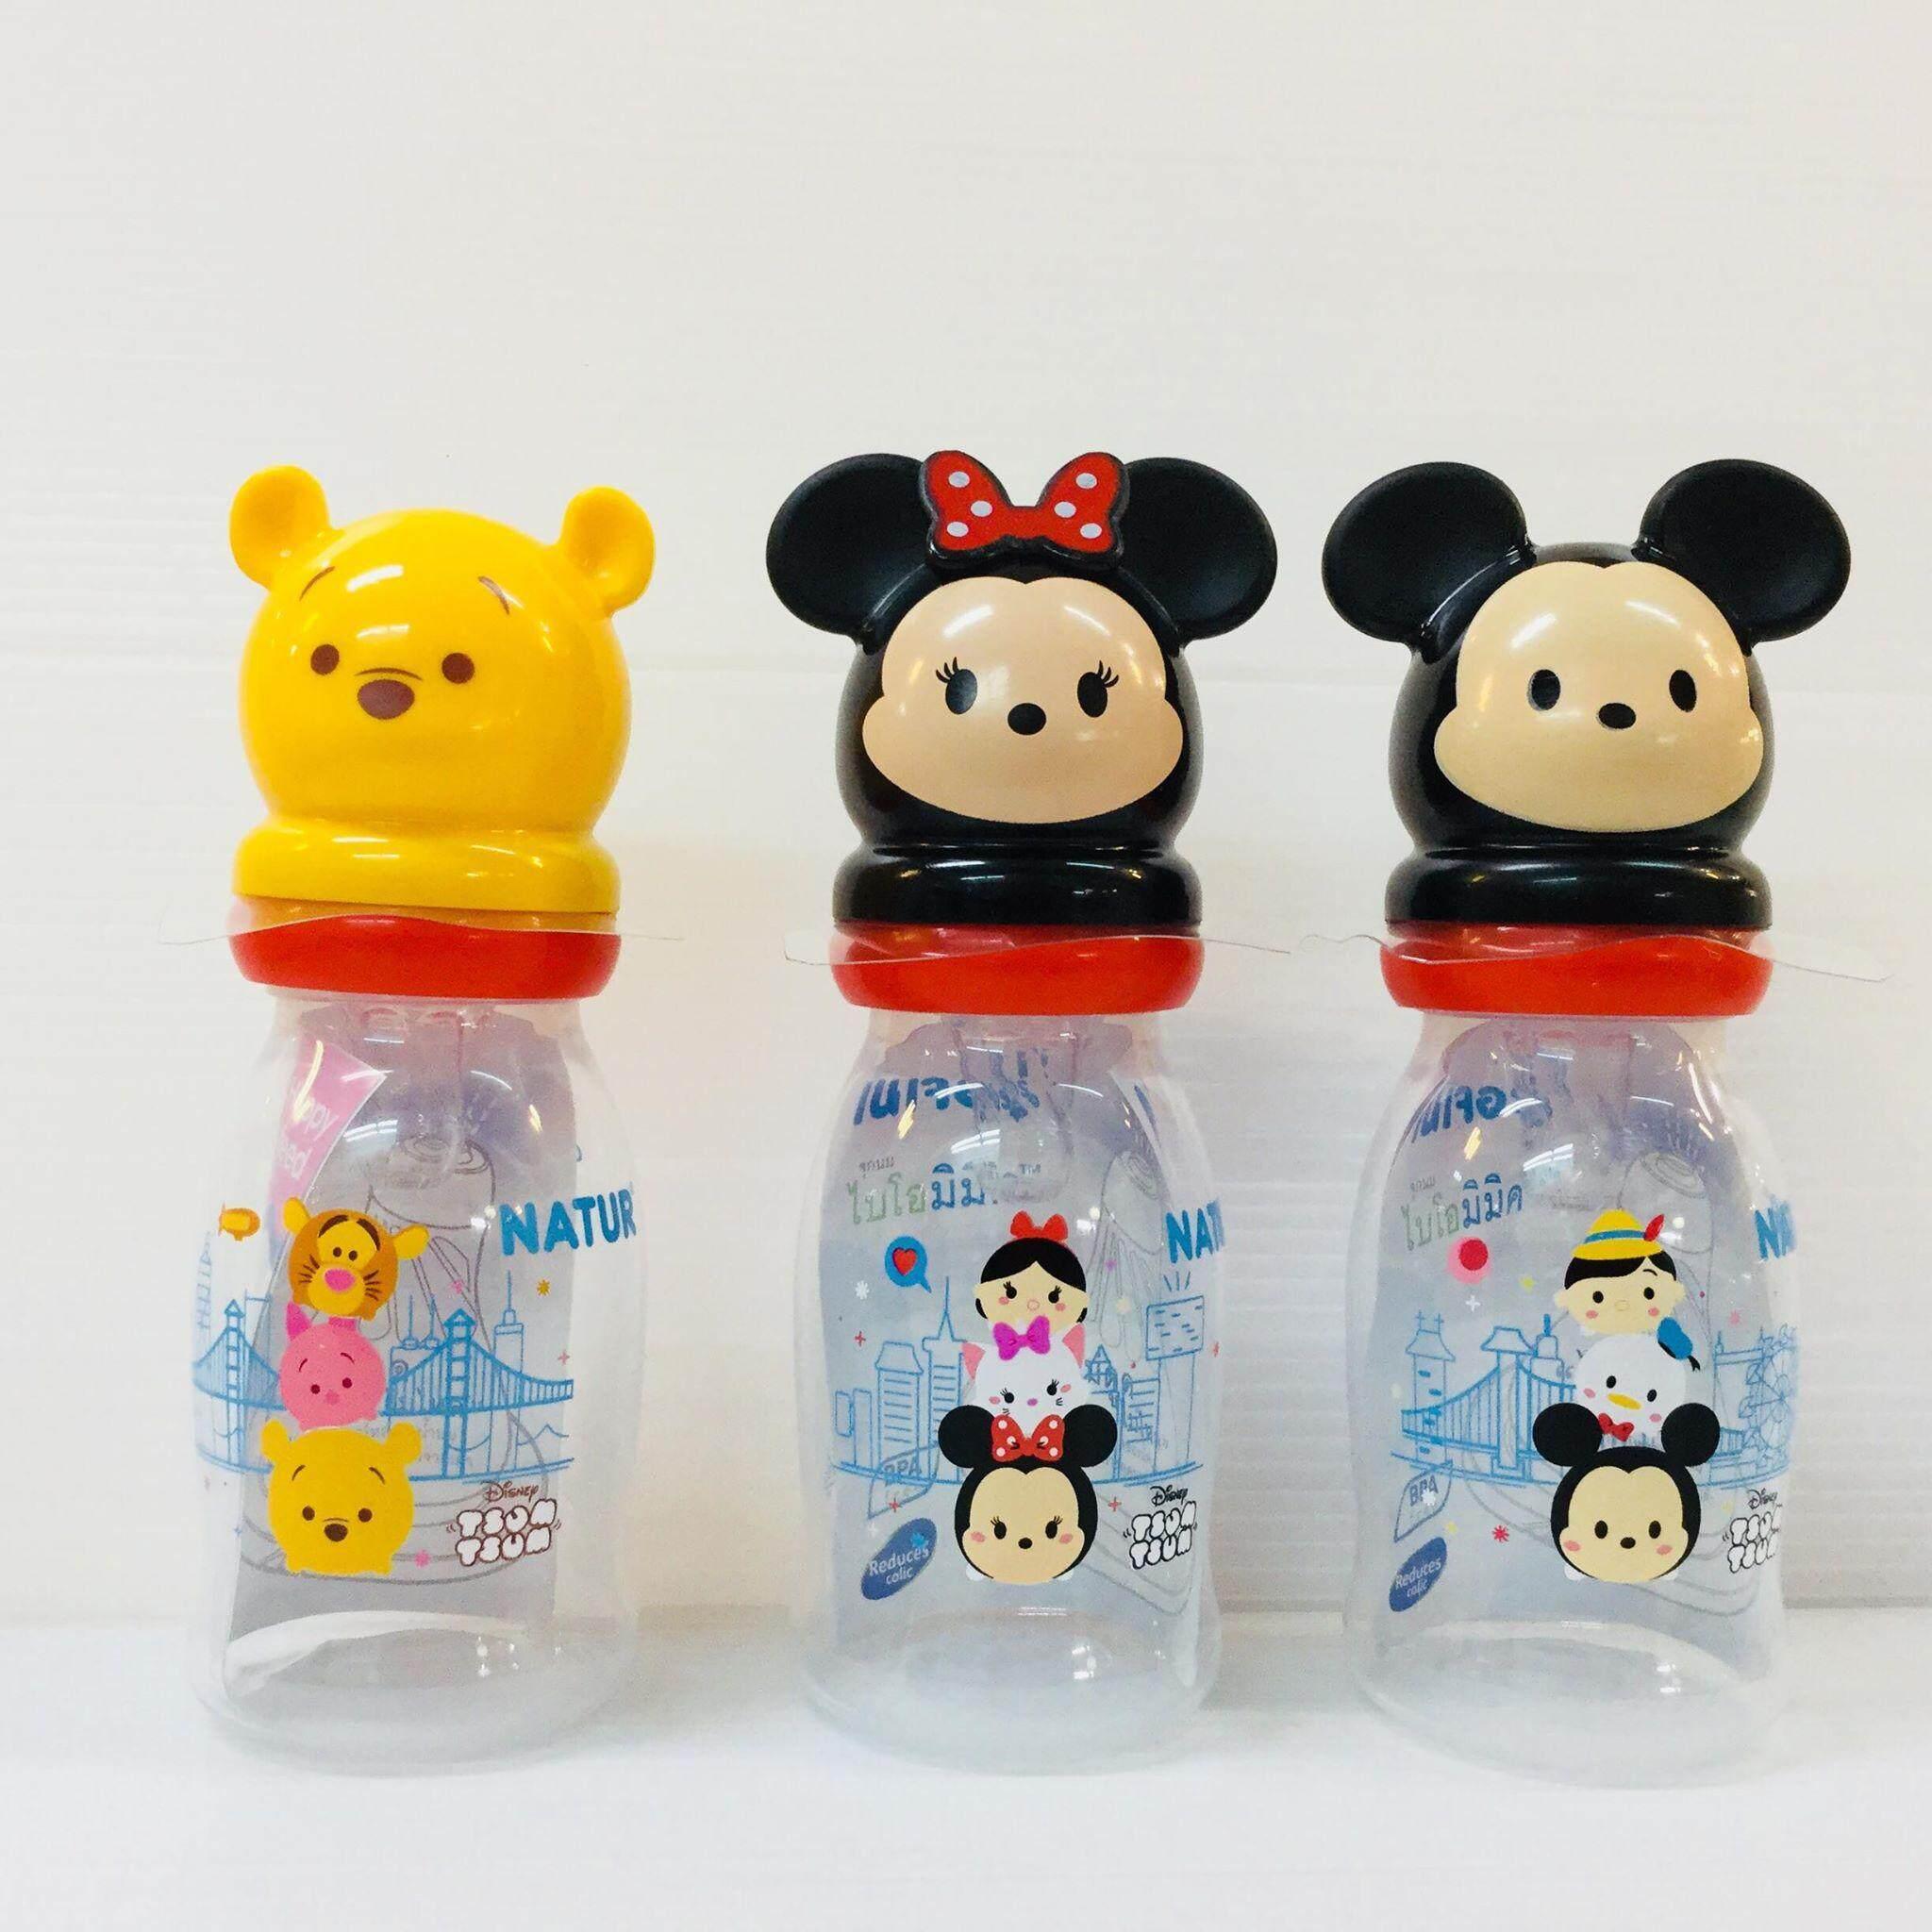 (เเพค 3 ขวด) ขวดนม UHappy 4 ออนซ์ เนเจอร์ Disney Baby TSUM TSUM จุกนมไบโอมิมิค ไซส์ M เสมือนดูดจากอกเเม่